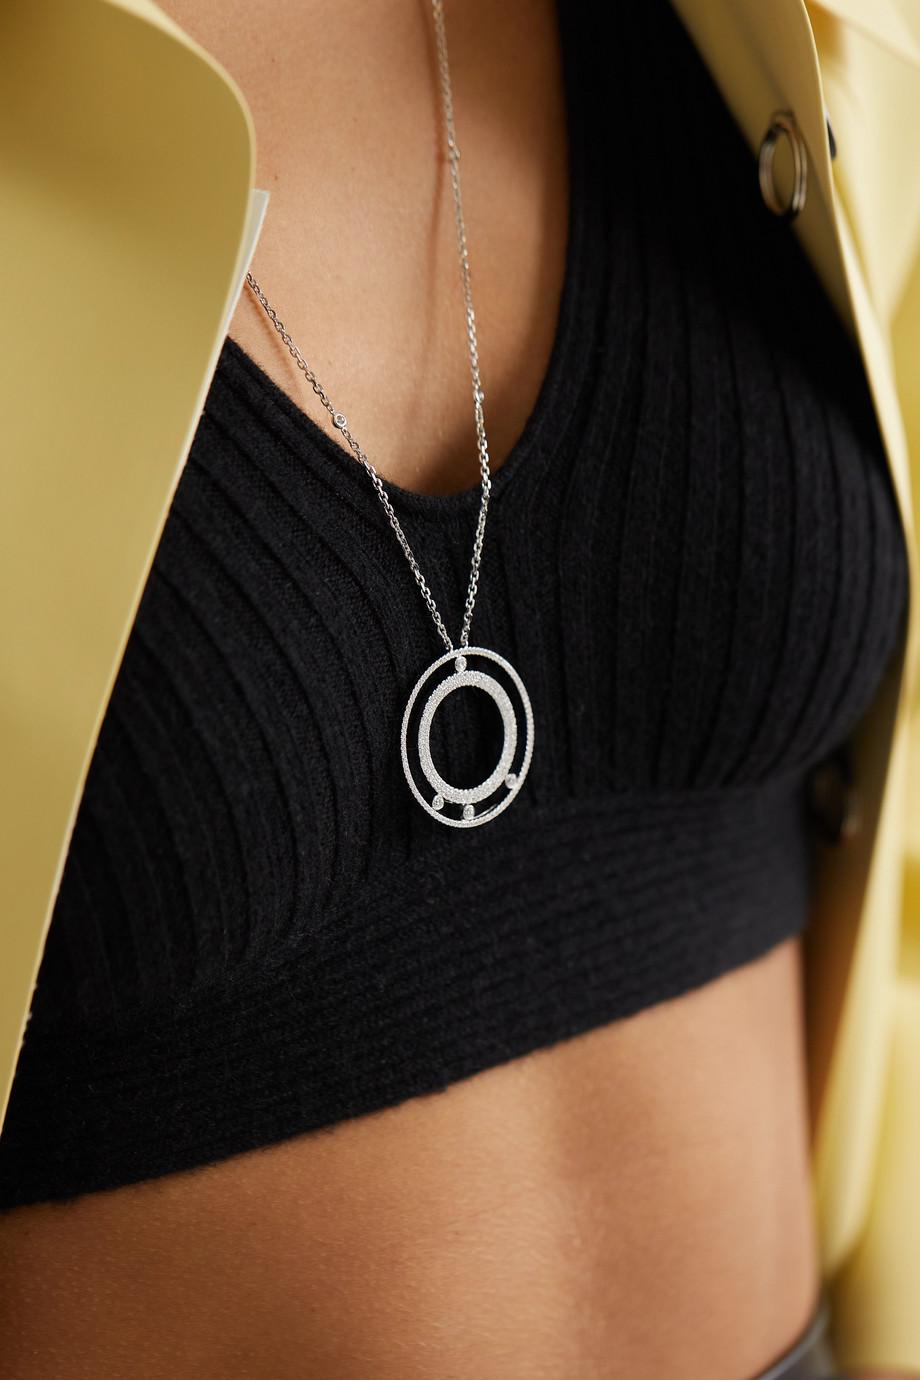 Messika Move Romane 18-karat white gold diamond necklace